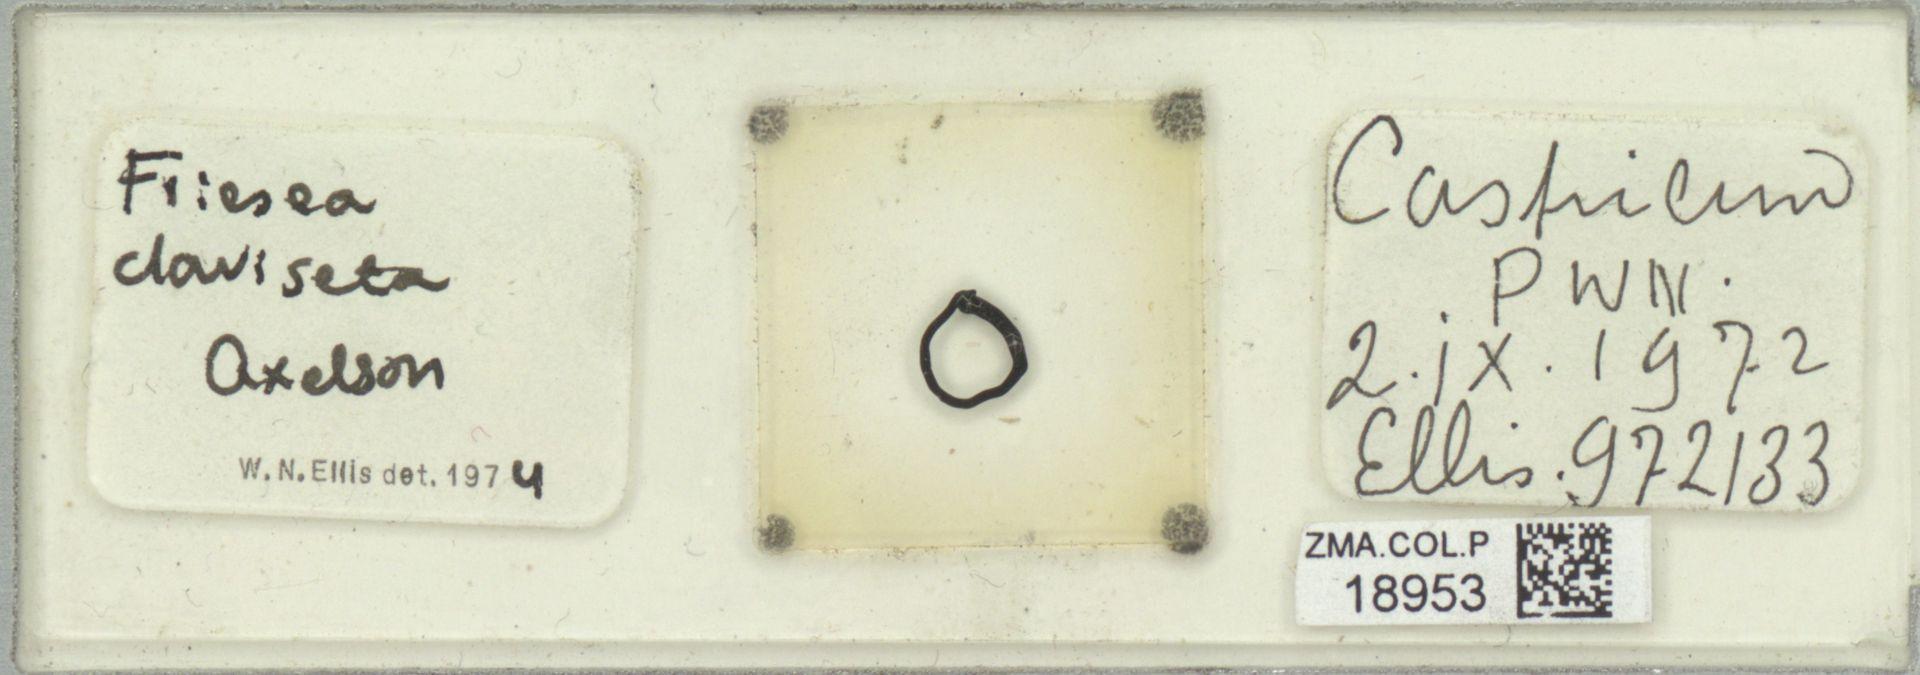 ZMA.COL.P.18953 | Friesea claviseta Axelson